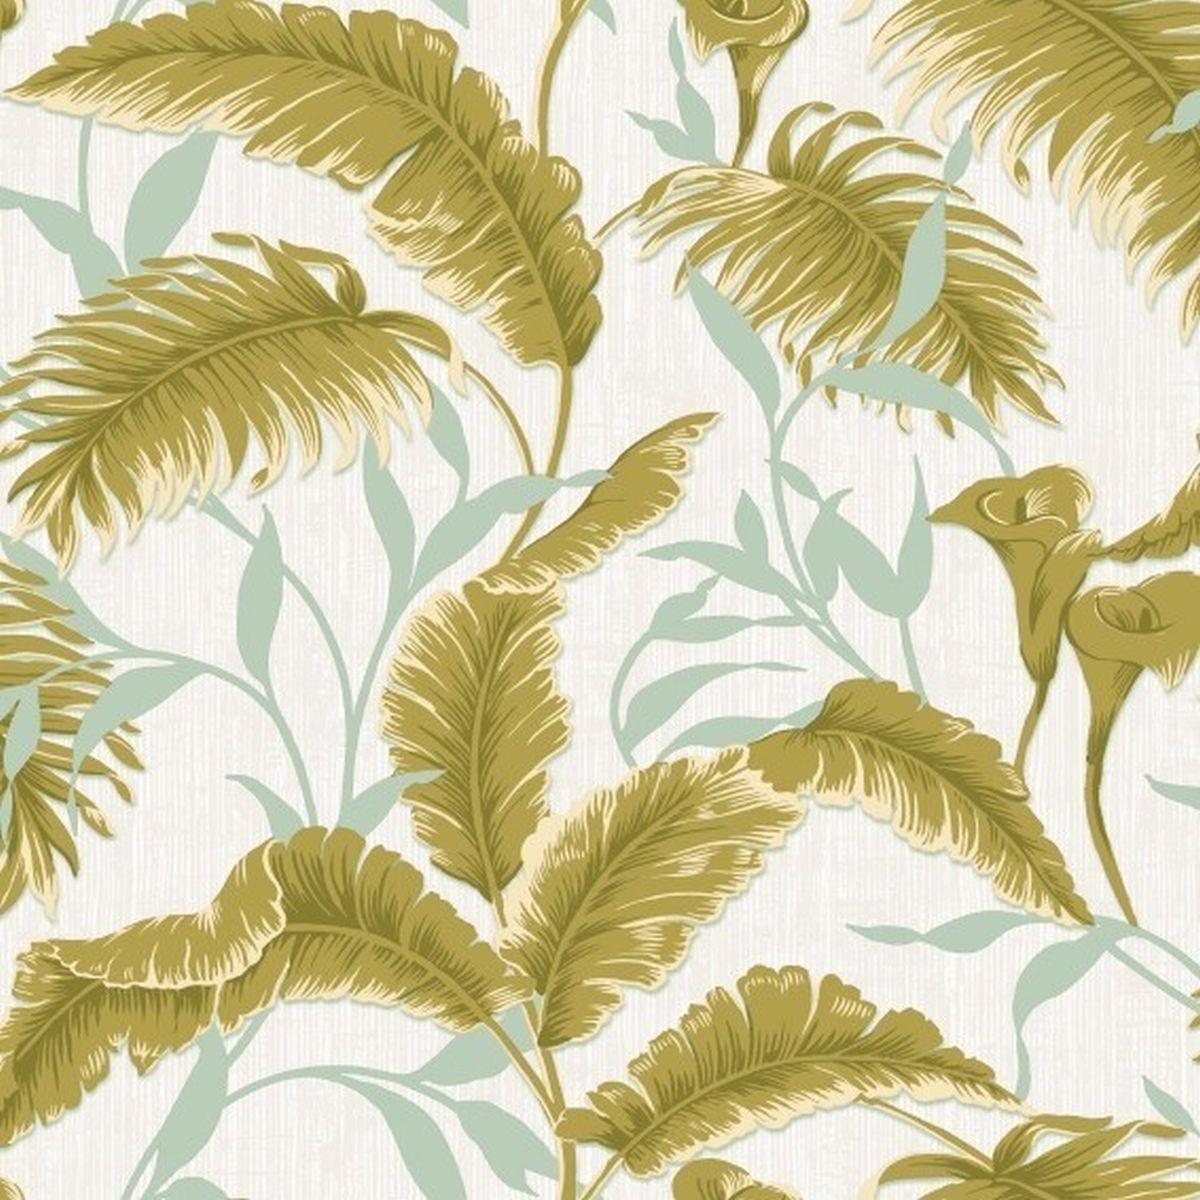 DesignID Vliestapete Luxuriöse Tapete VD219176 Grün Blumentapete